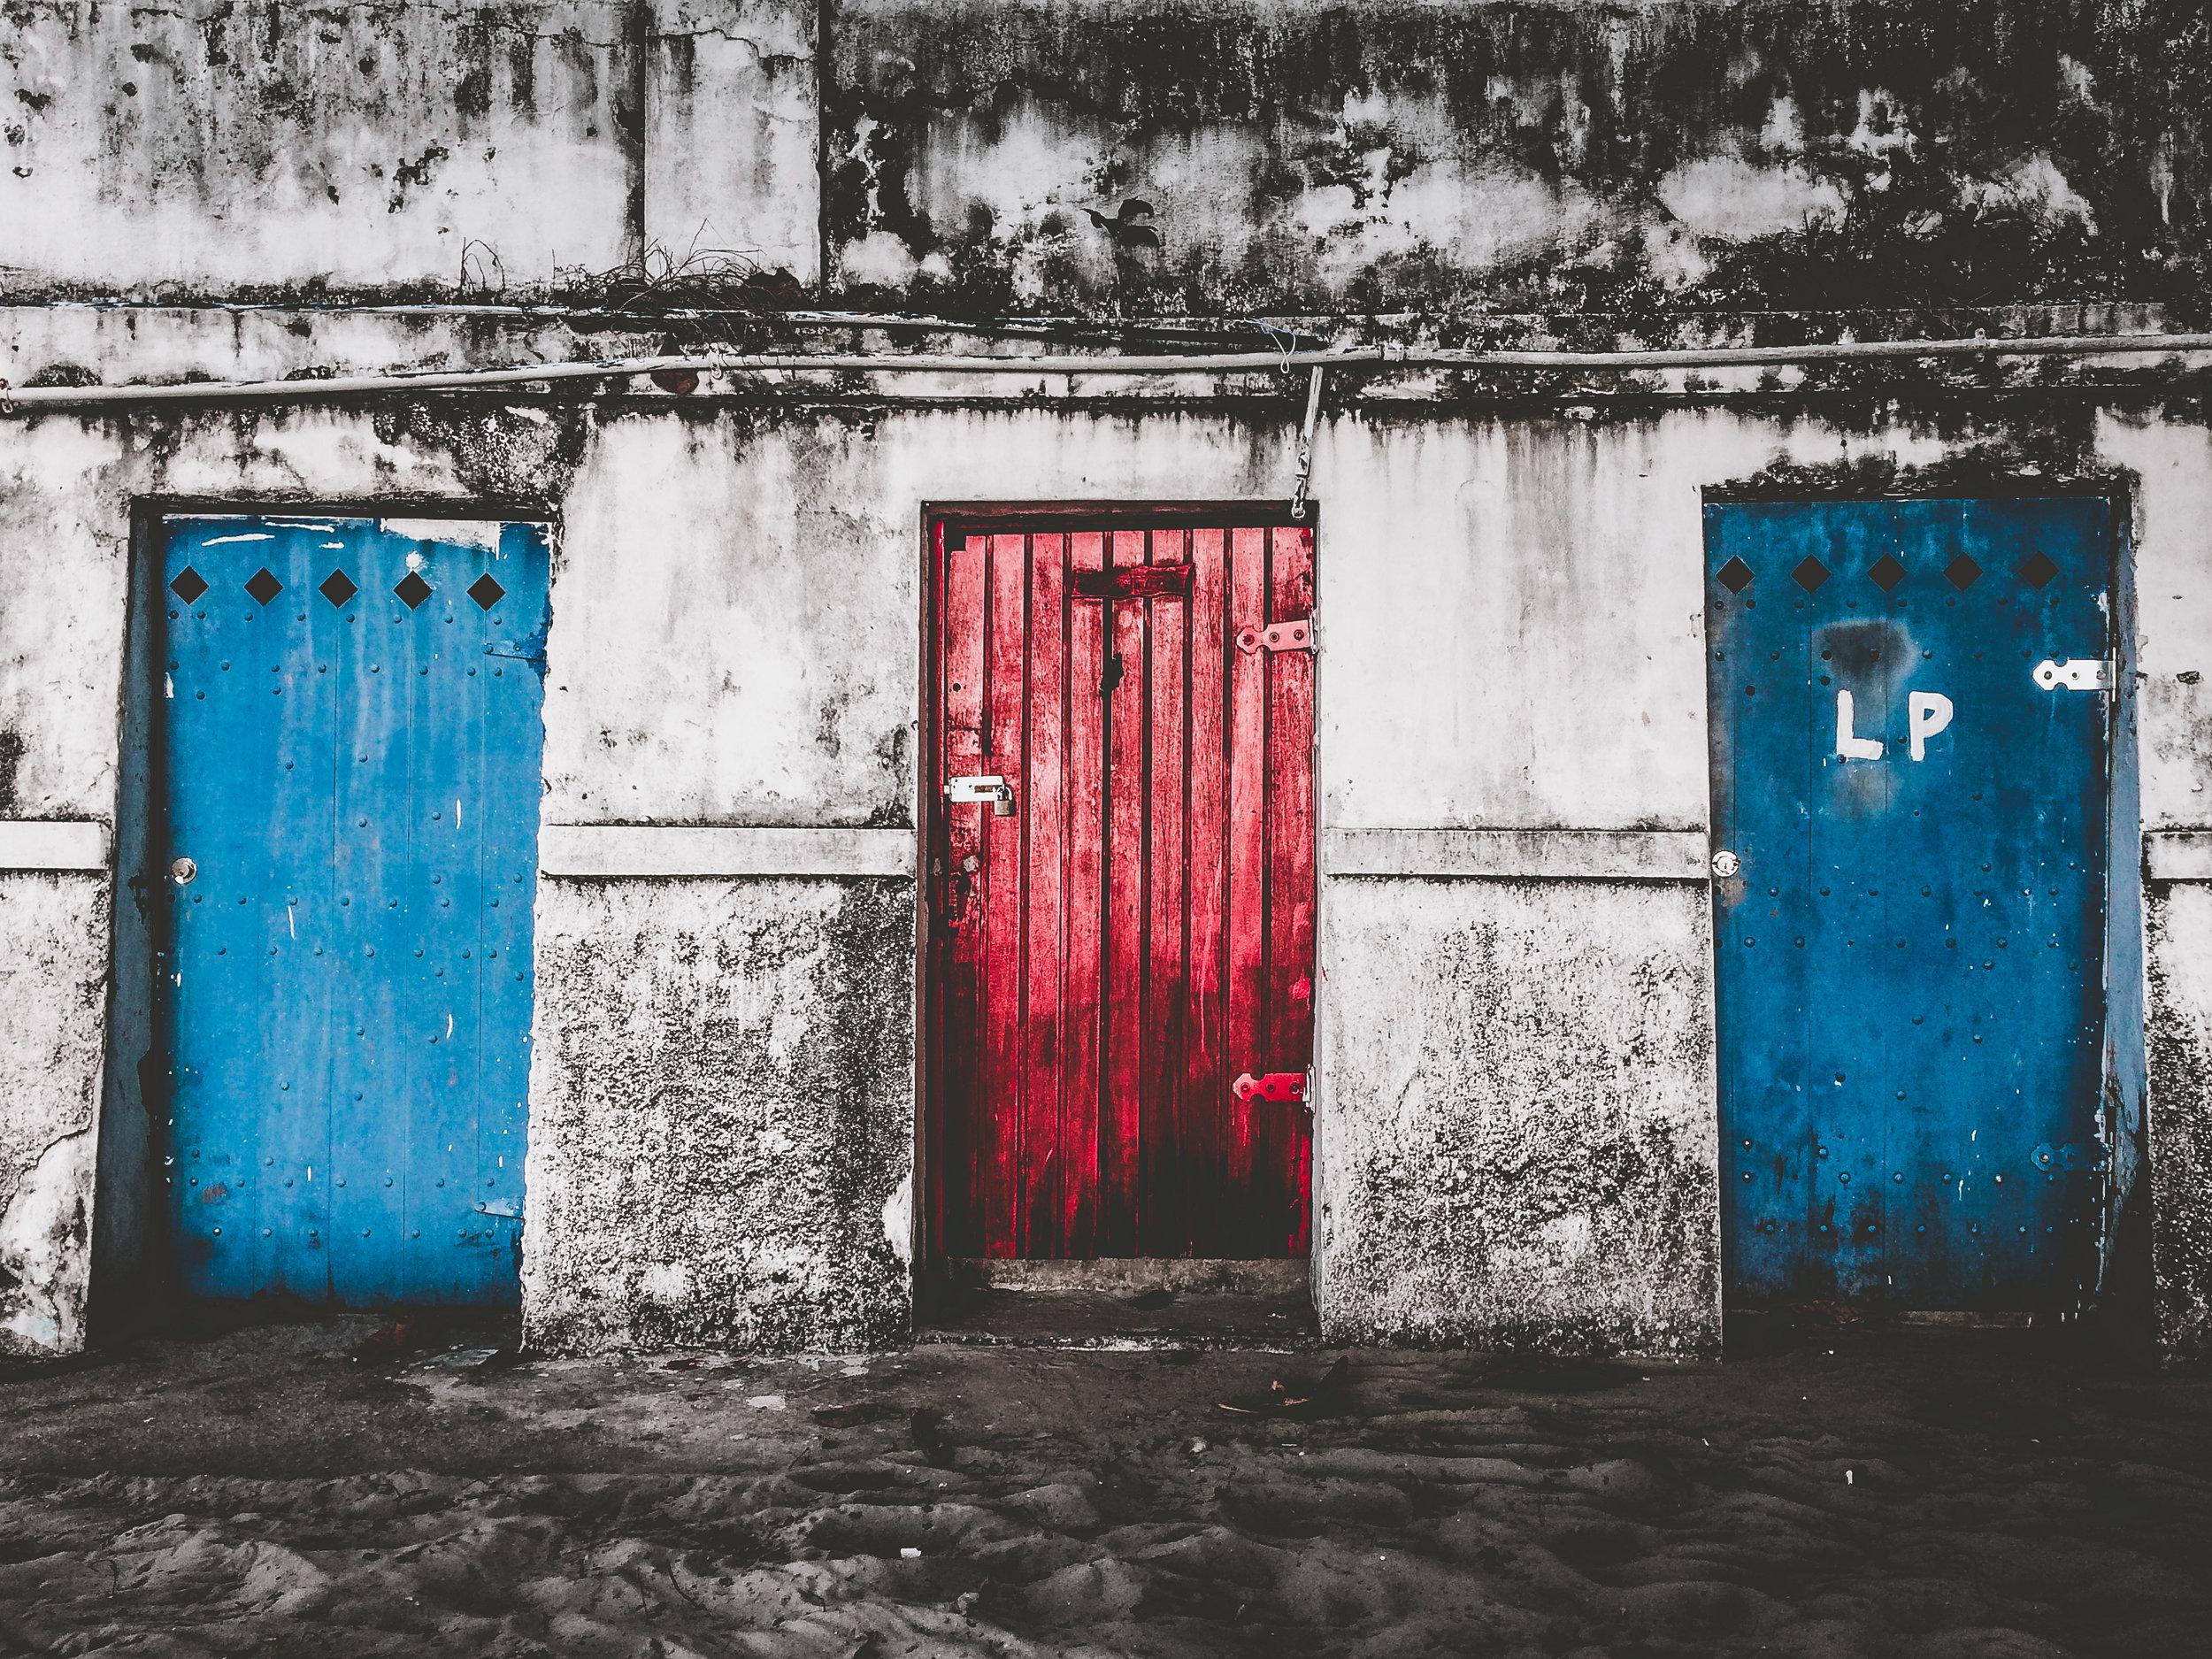 /Red door or Blue door which one will you choose?